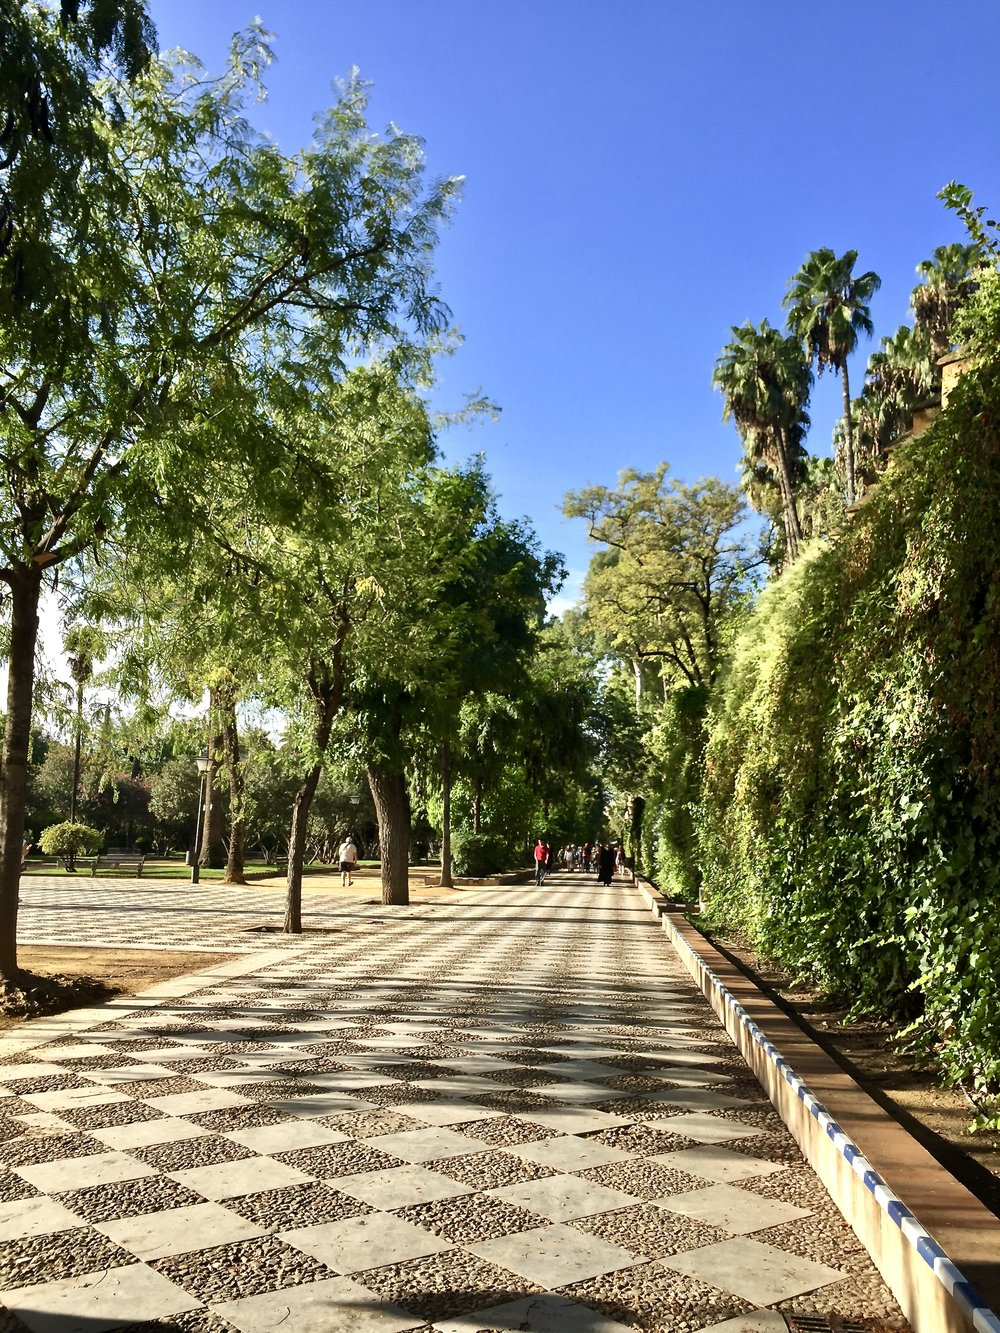 Universityof Seville area